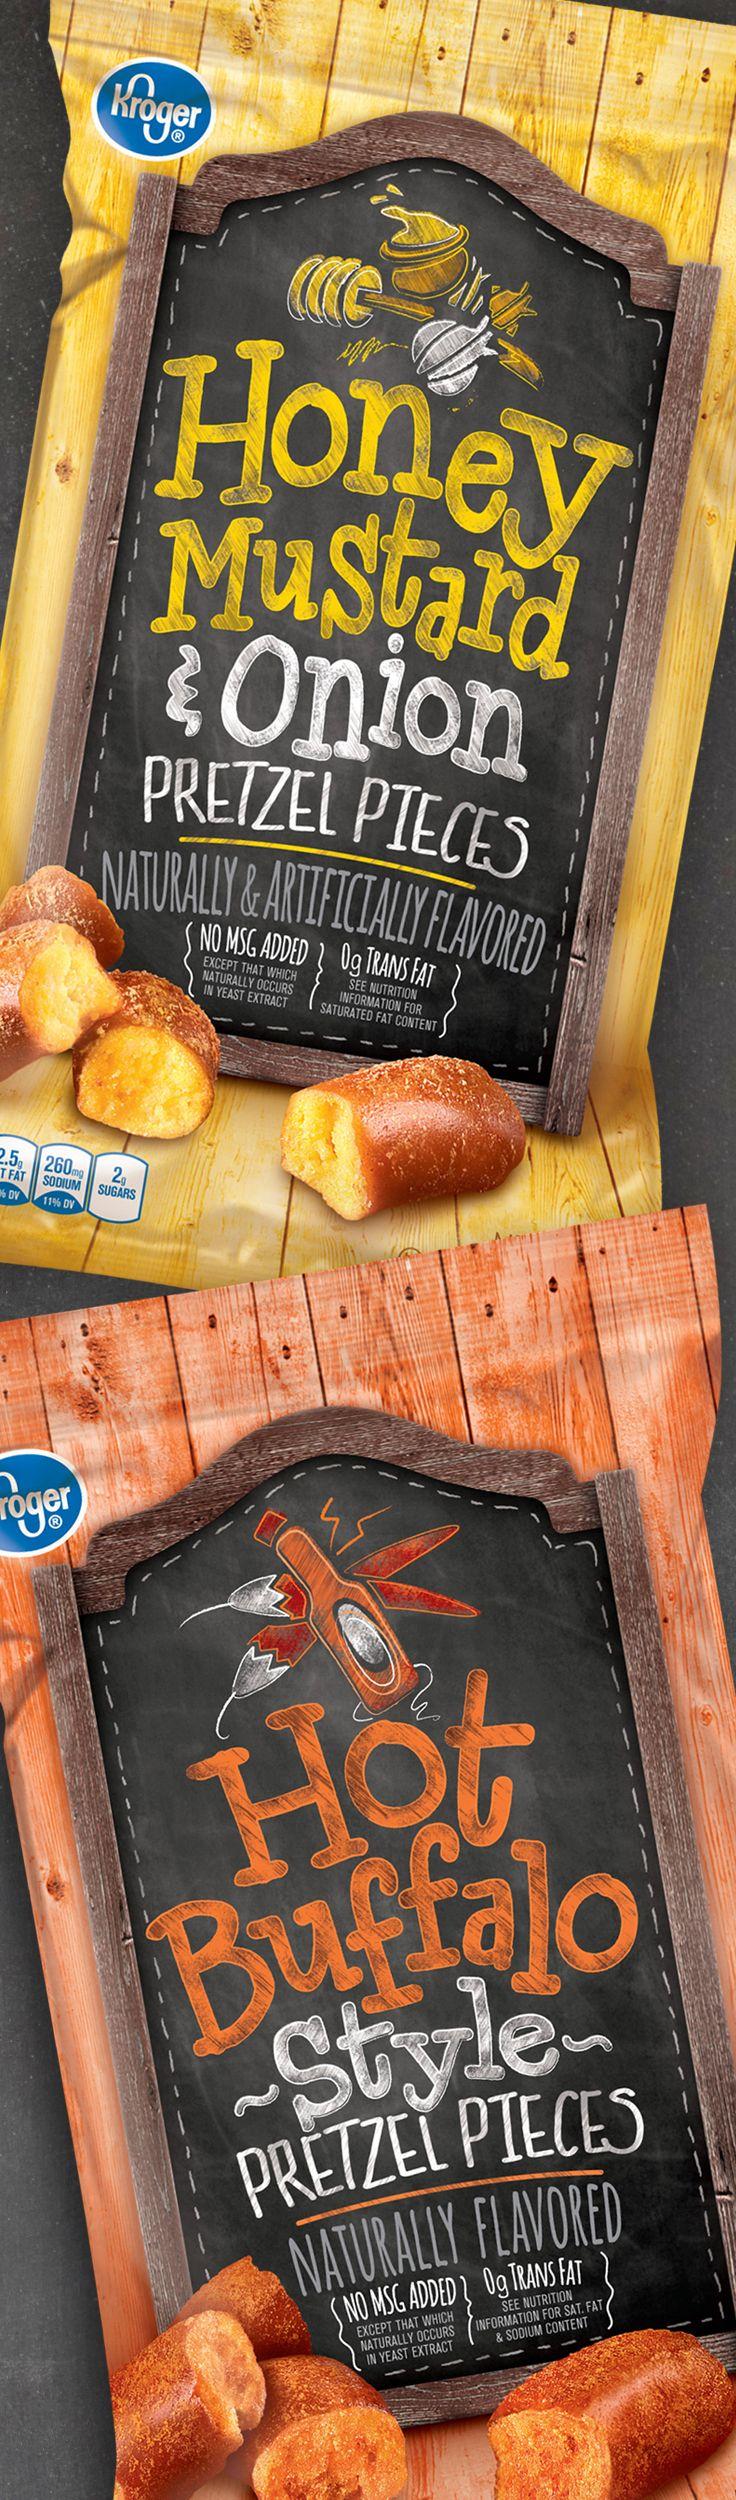 Pretzel Pieces Packaging | Designer: Design Resource Center